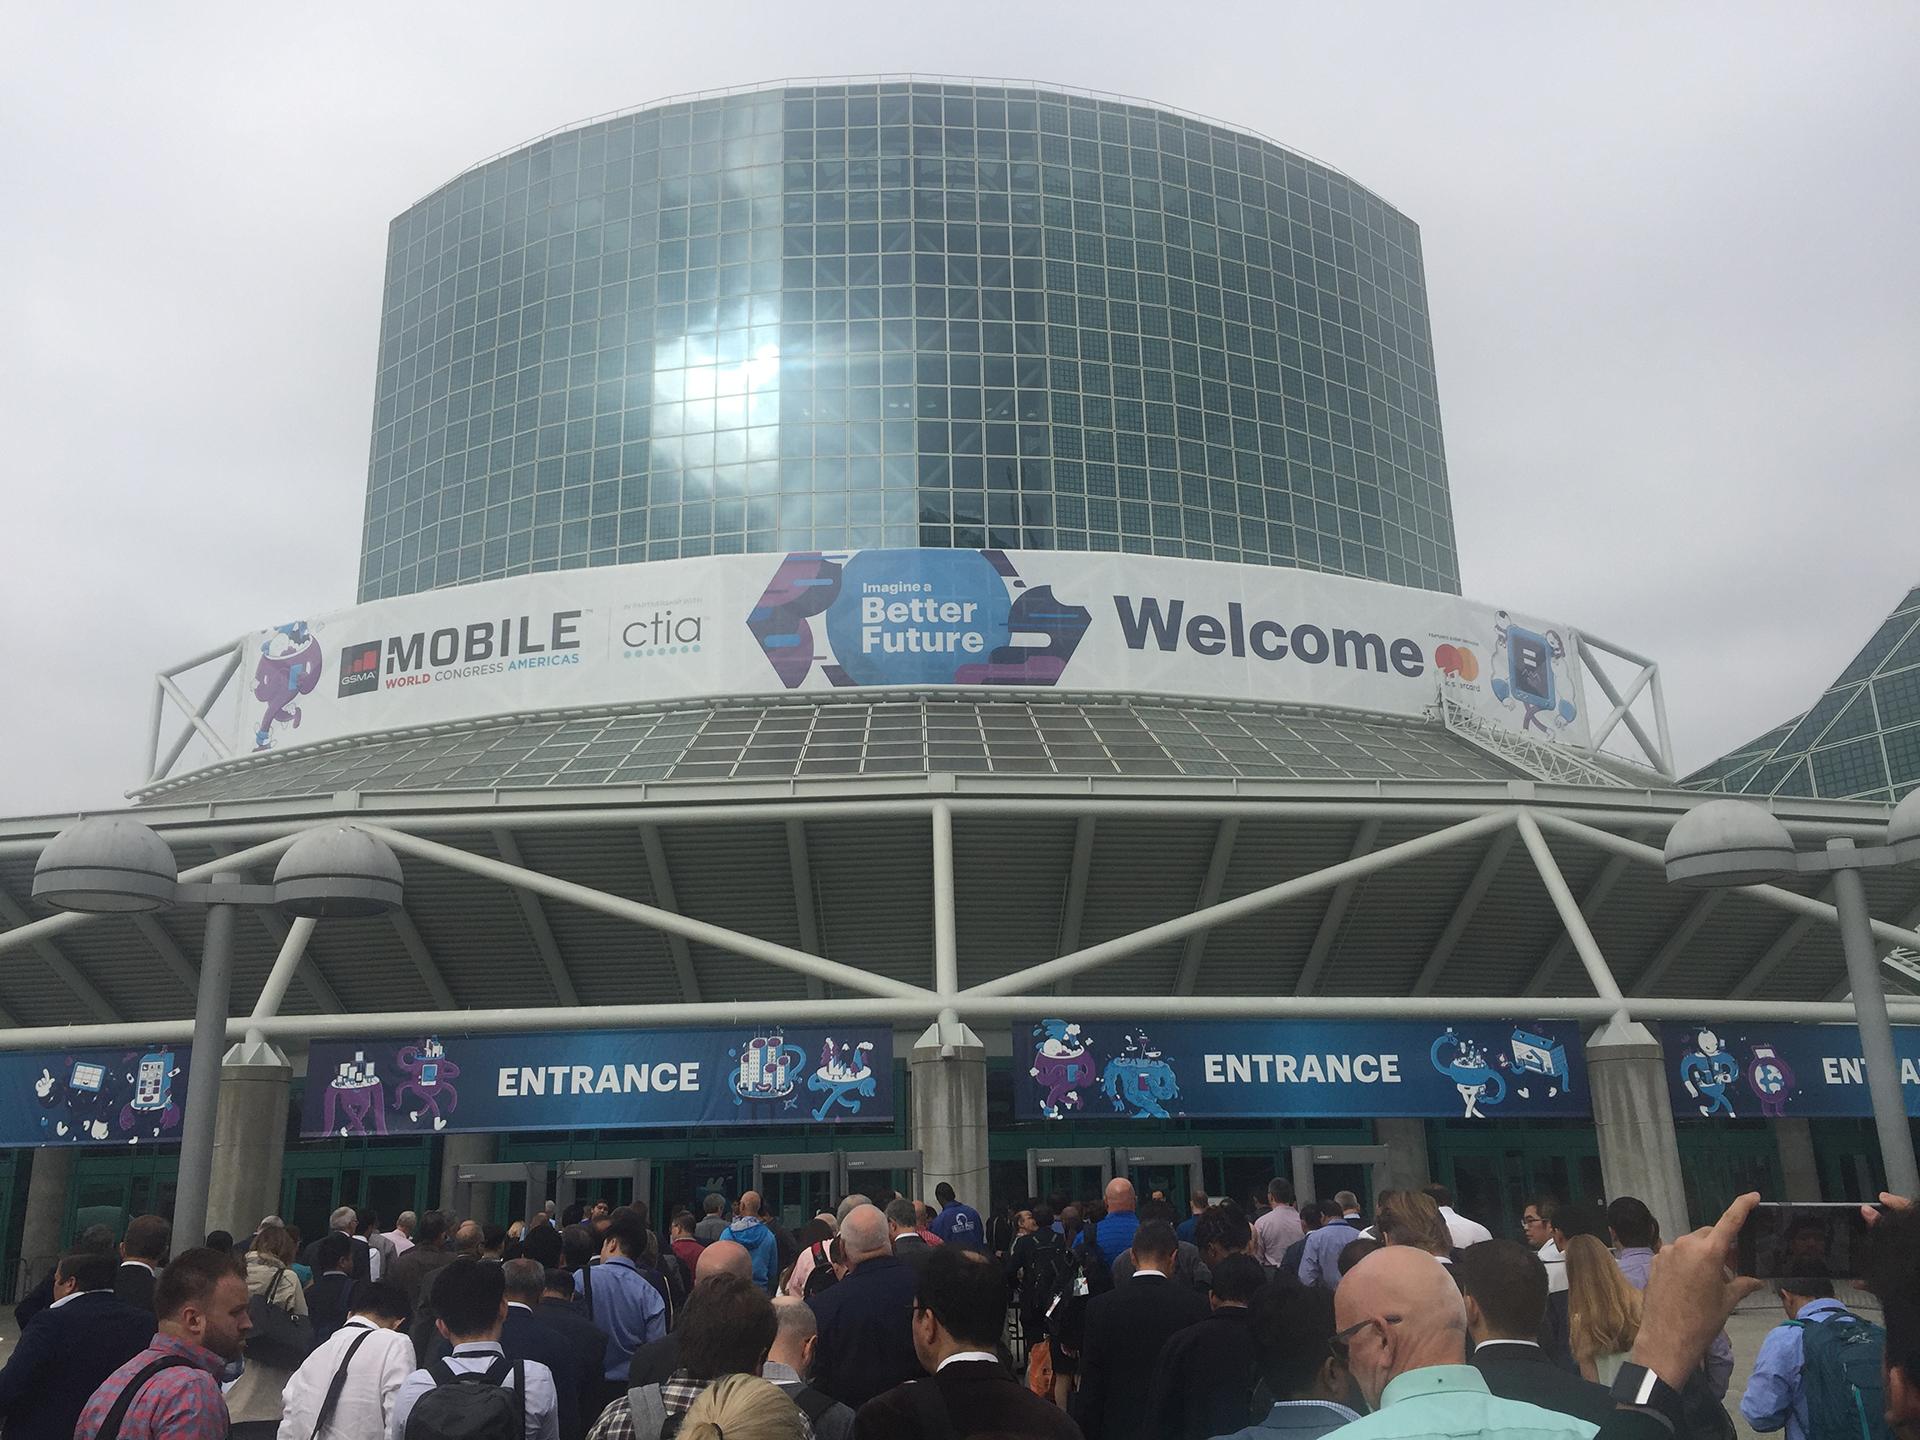 El imponente centro de convenciones de Los Ángeles donde se realiza el MWC 2018